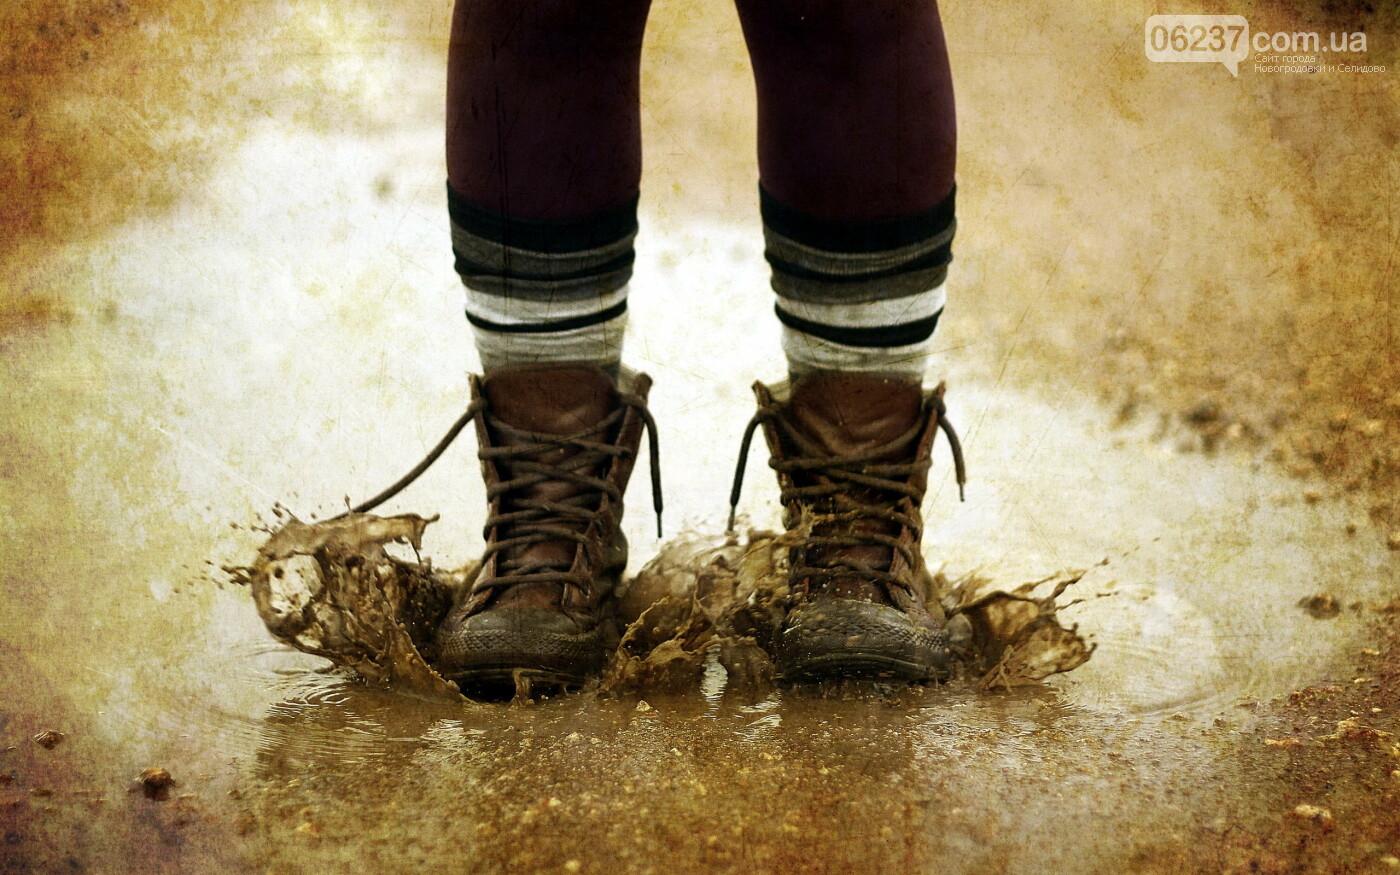 Незаменимая вещь в холодное время года! Умная сушилка для обуви Shoes Drying, фото-1